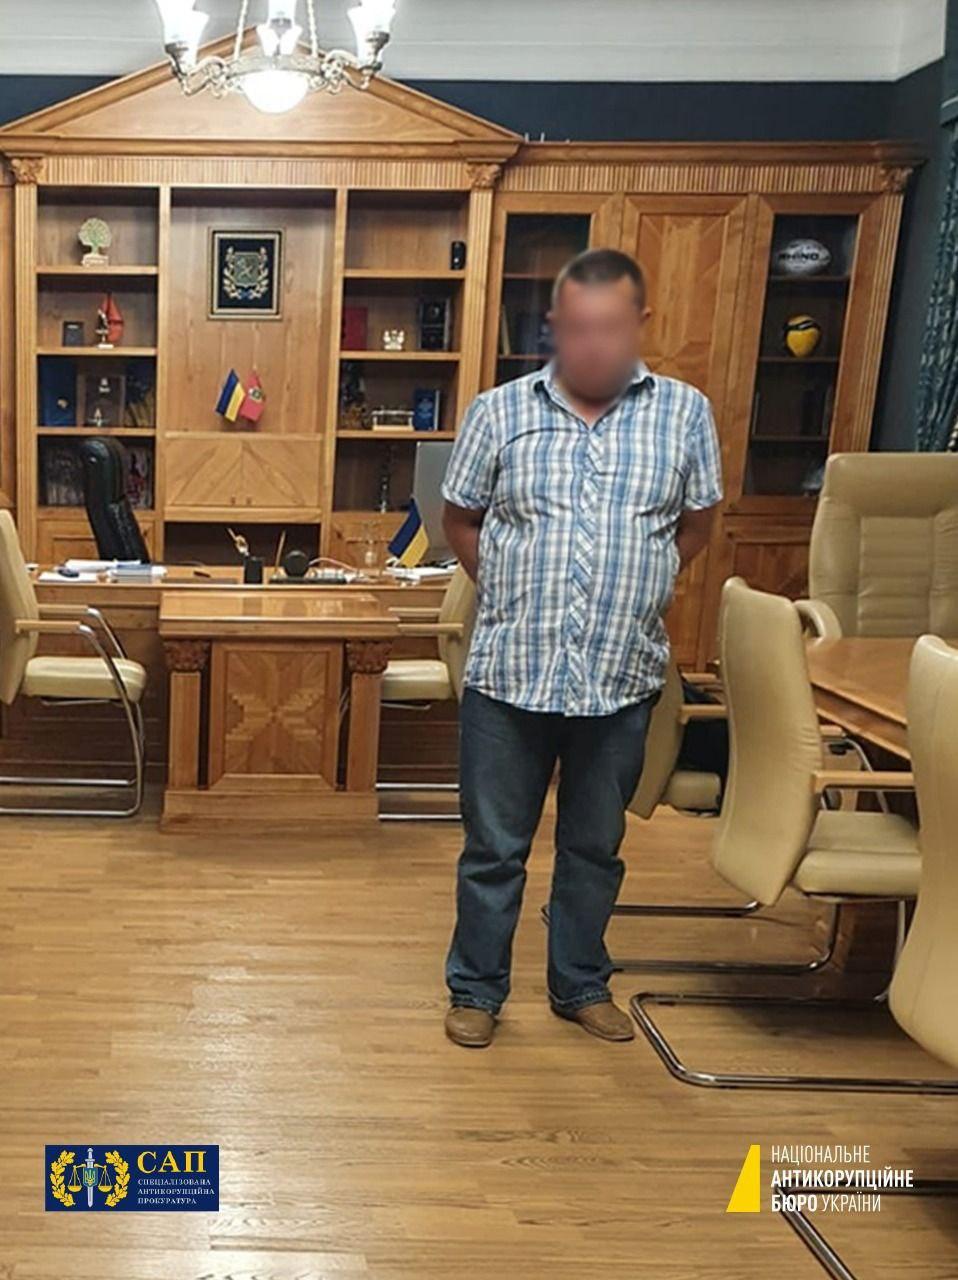 Заместителя председателя Харьковского облсовета отправили под стражу